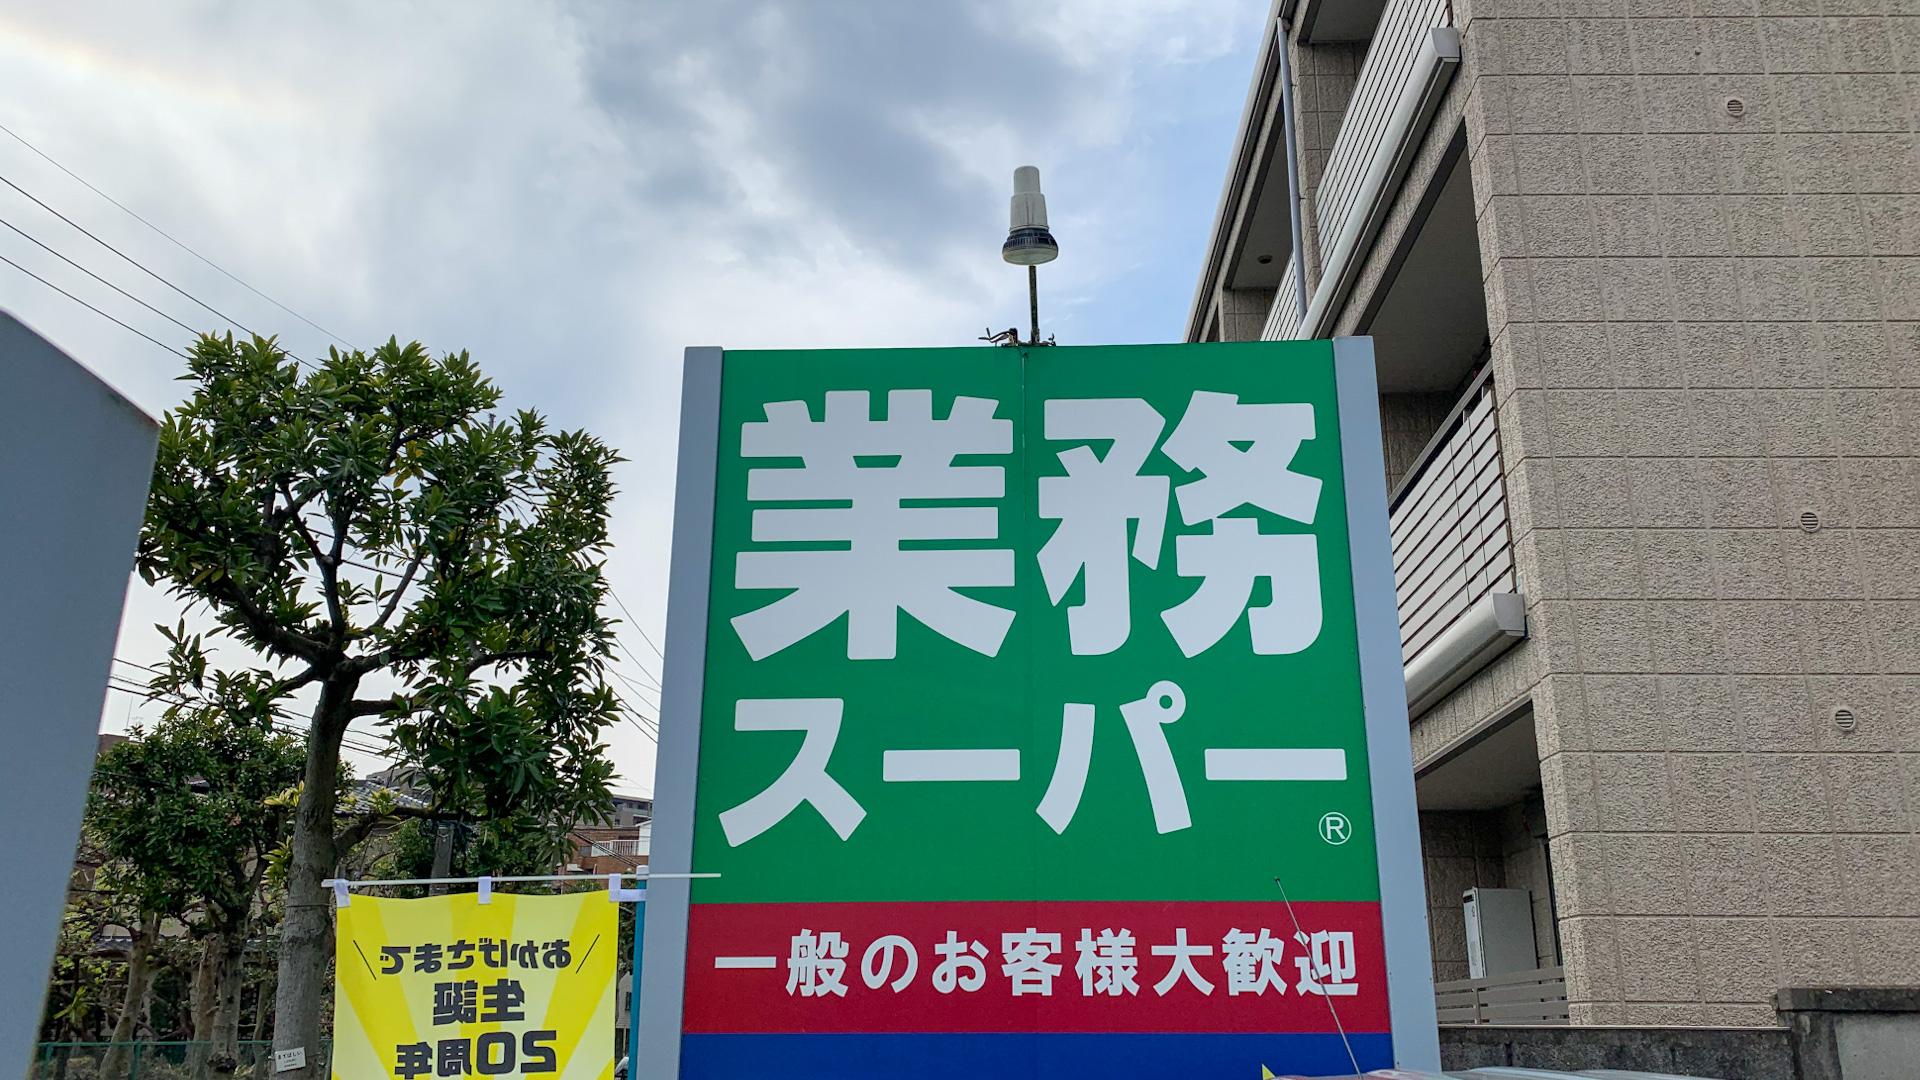 【業務スーパー】にはエビを使った商品がいっぱい!おすすめを厳選してご紹介